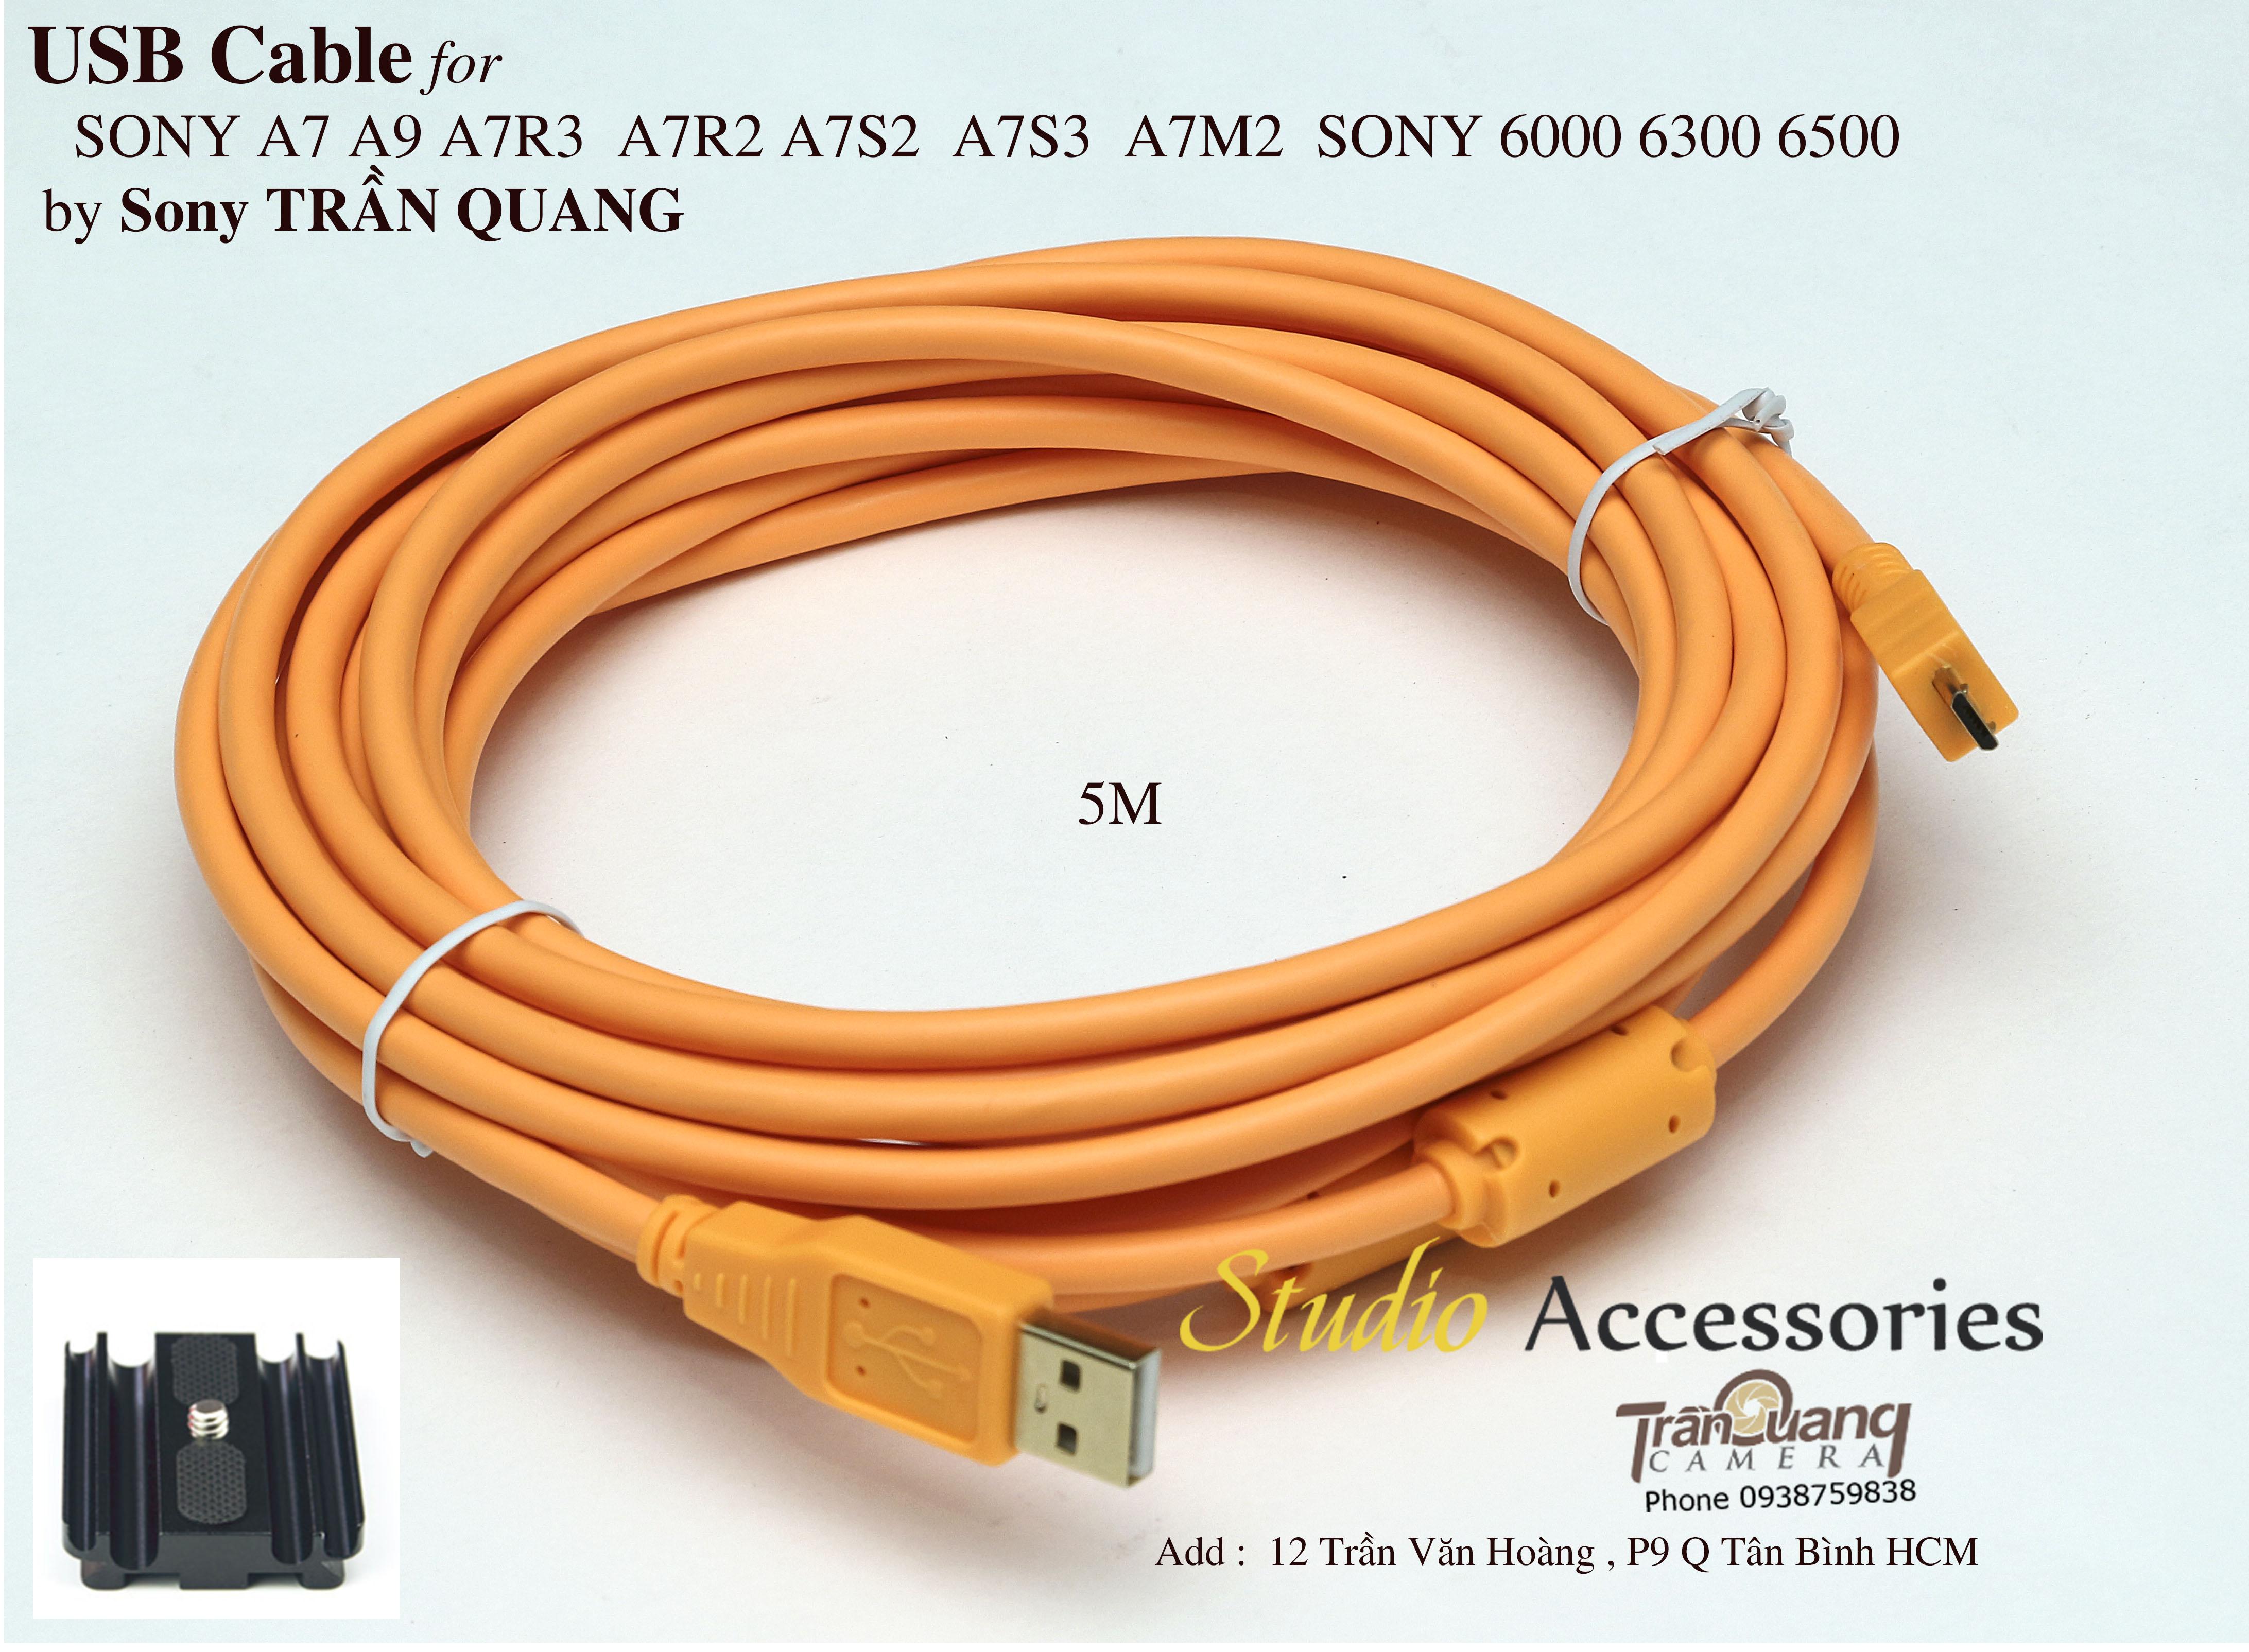 Dây USB cho máy ảnh SONY -Canon - Nikon  Chụp ảnh trực tiếp chụp sản phẩm